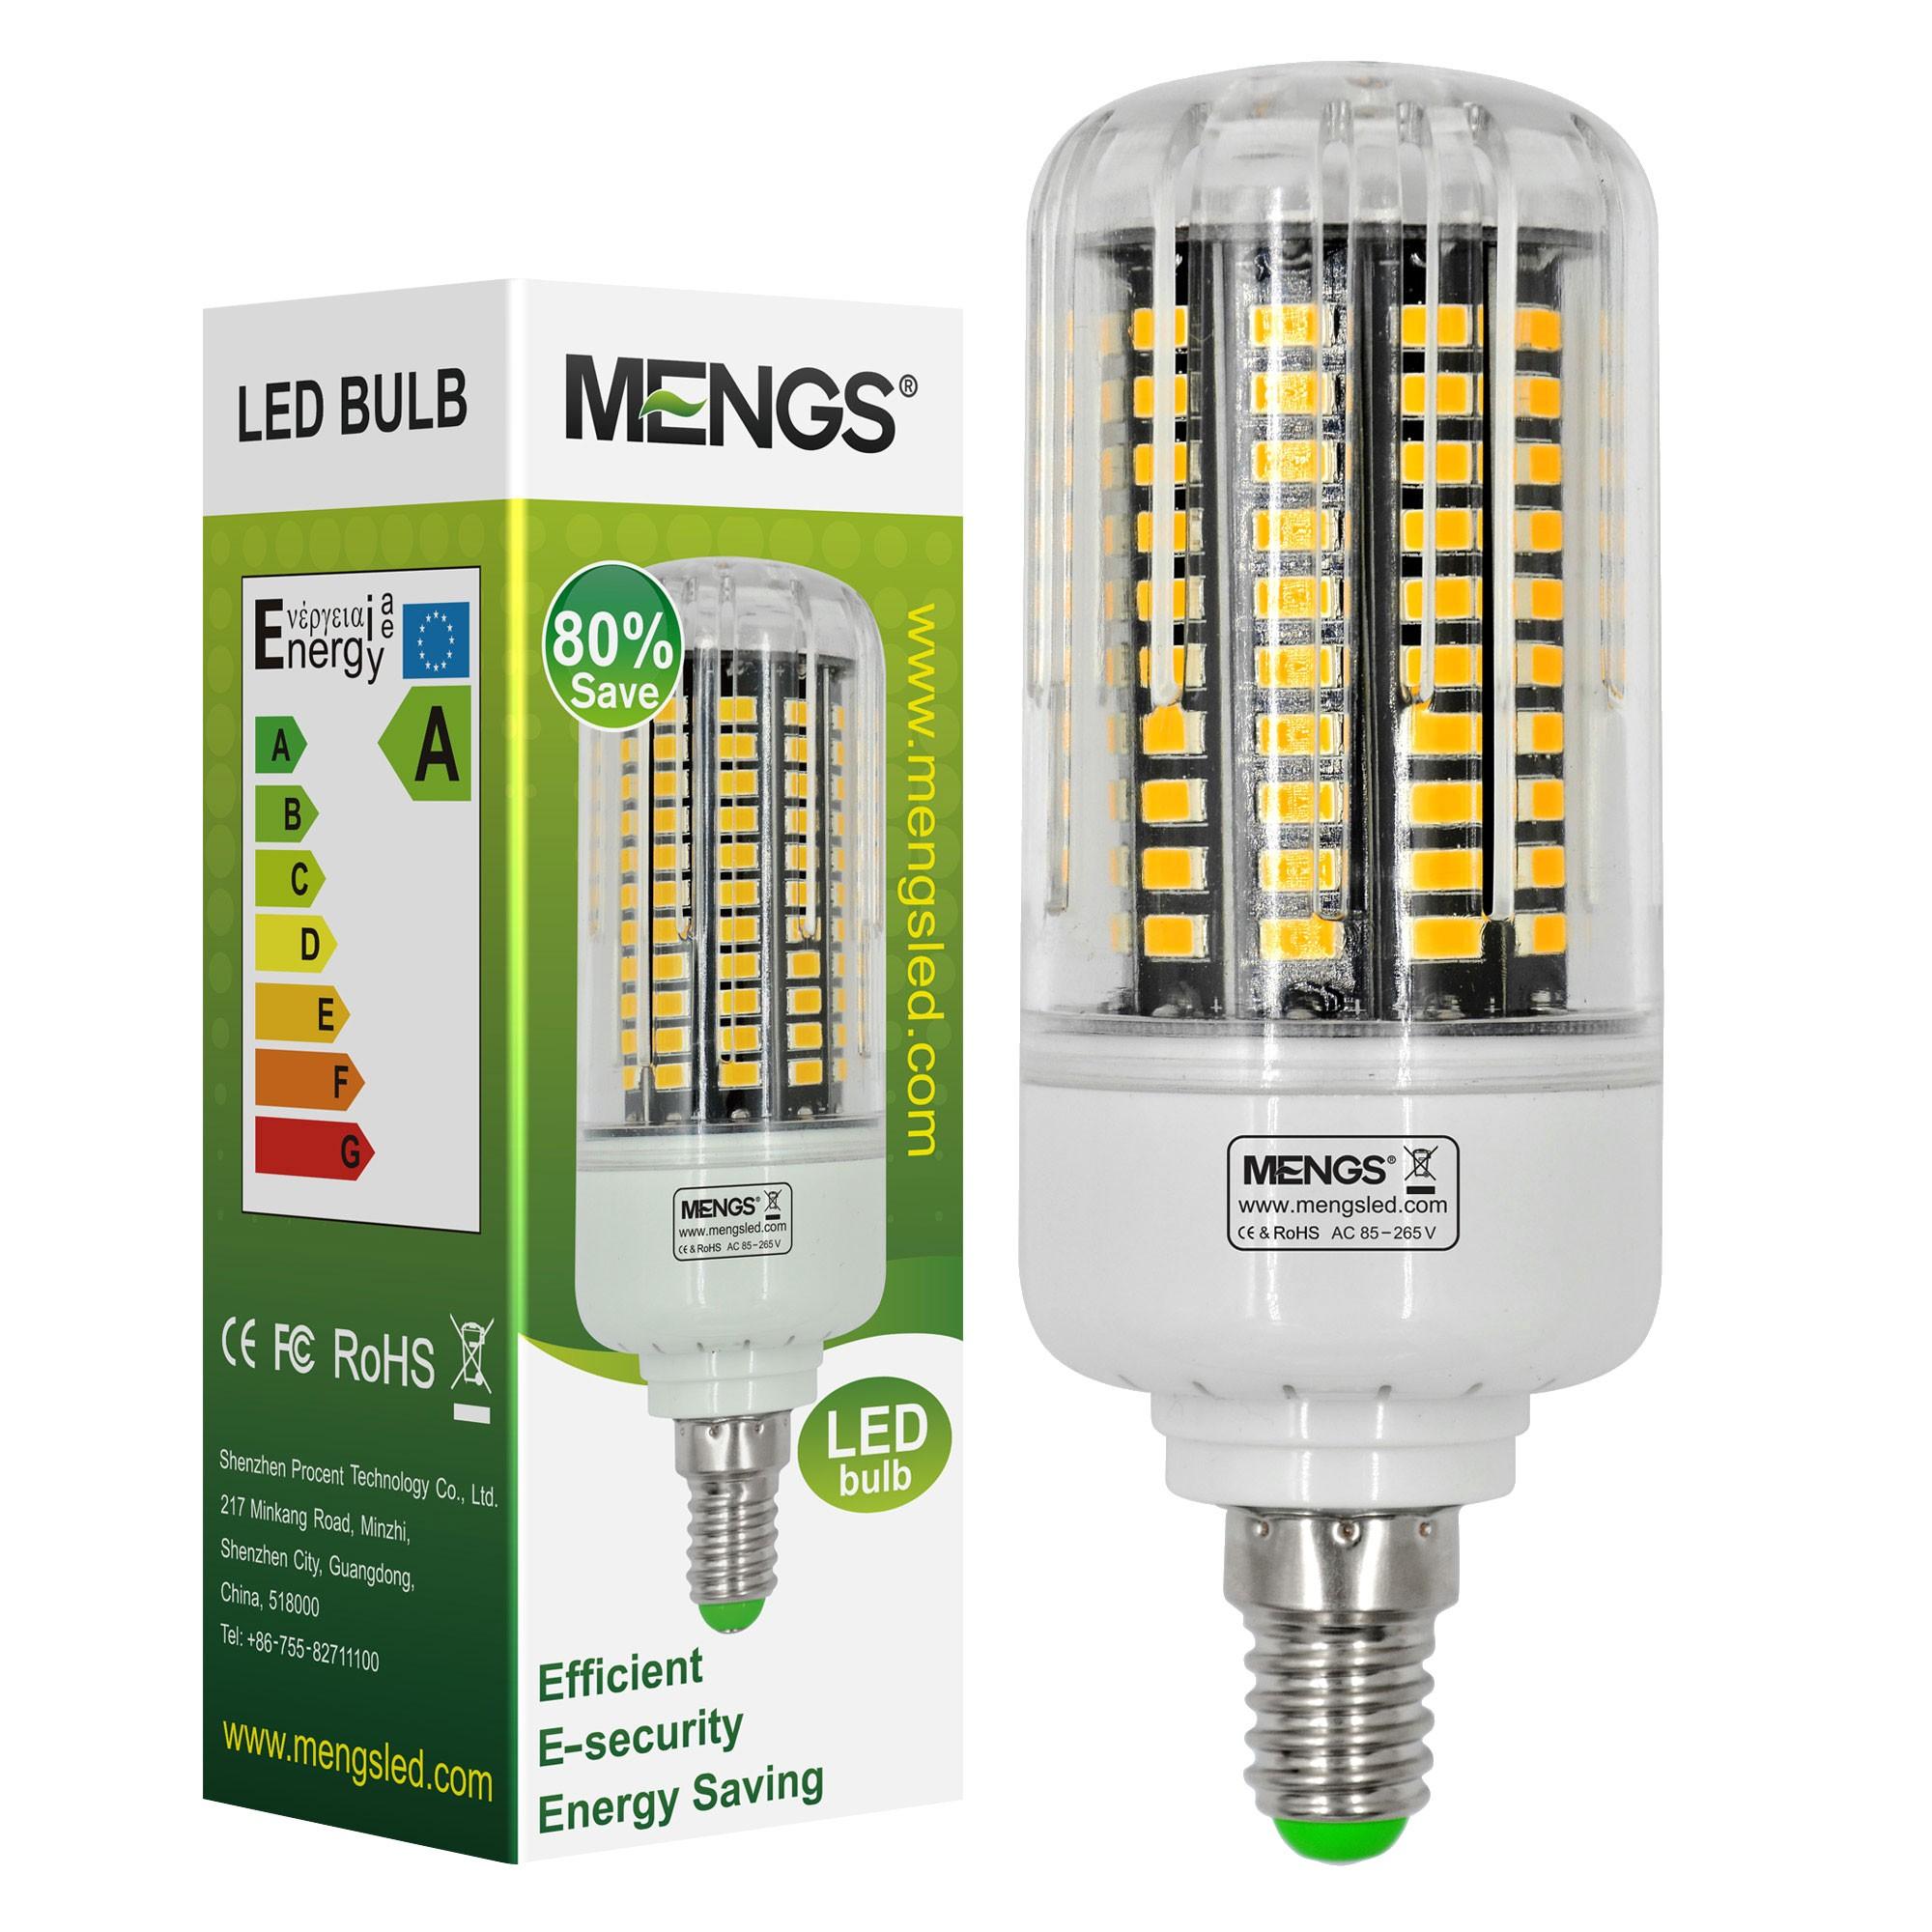 Mengsled Mengs E14 15w Led Corn Light 120x 5736 Smd Led Bulb Lamp In Warm White Cool White